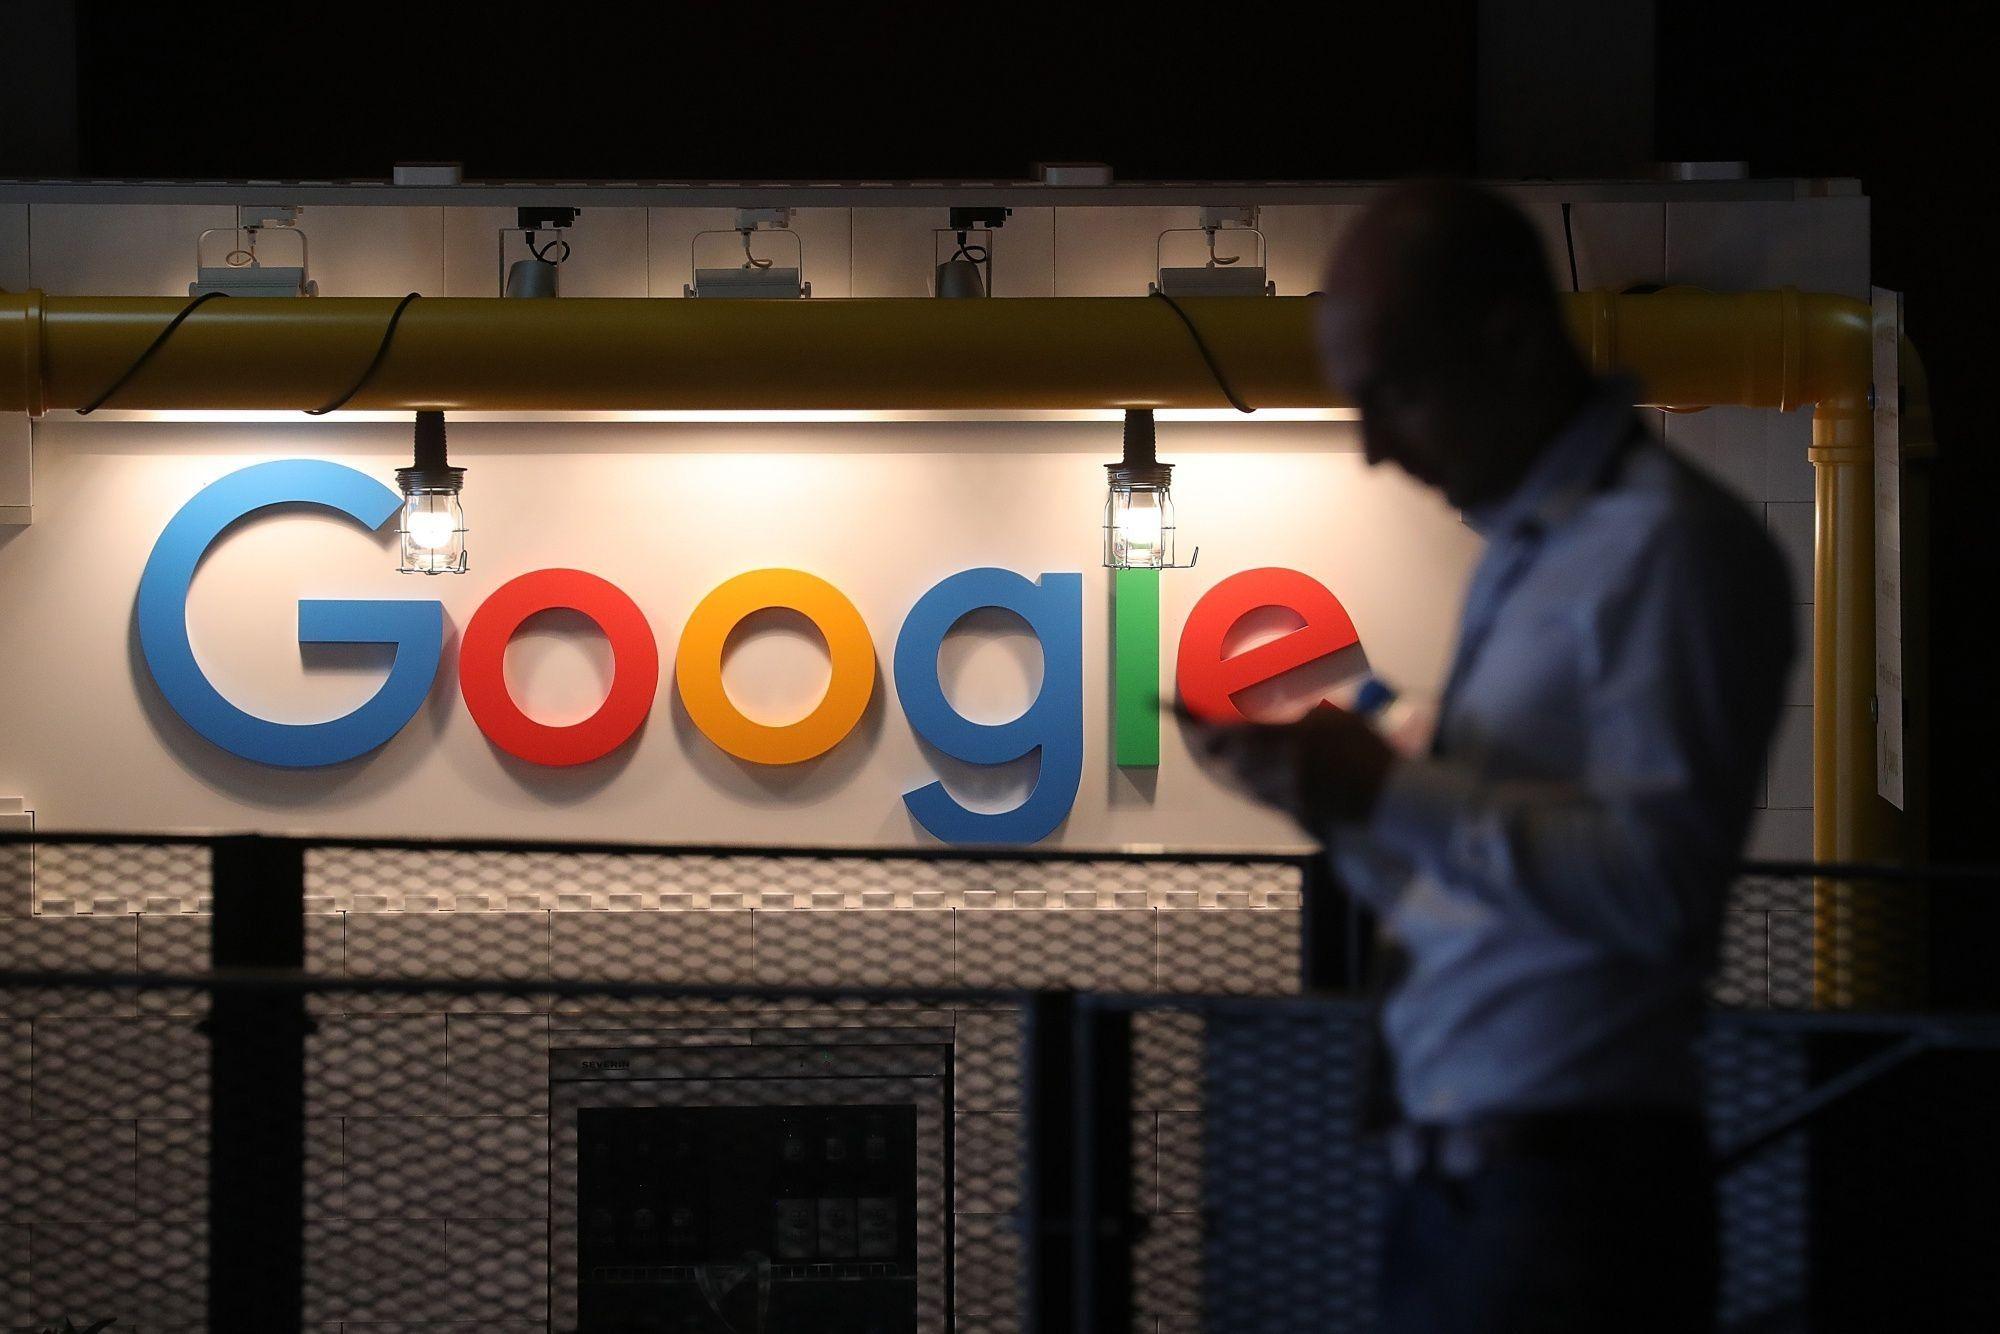 Google, Facebook enfrentan nueva investigación por adquisiciones